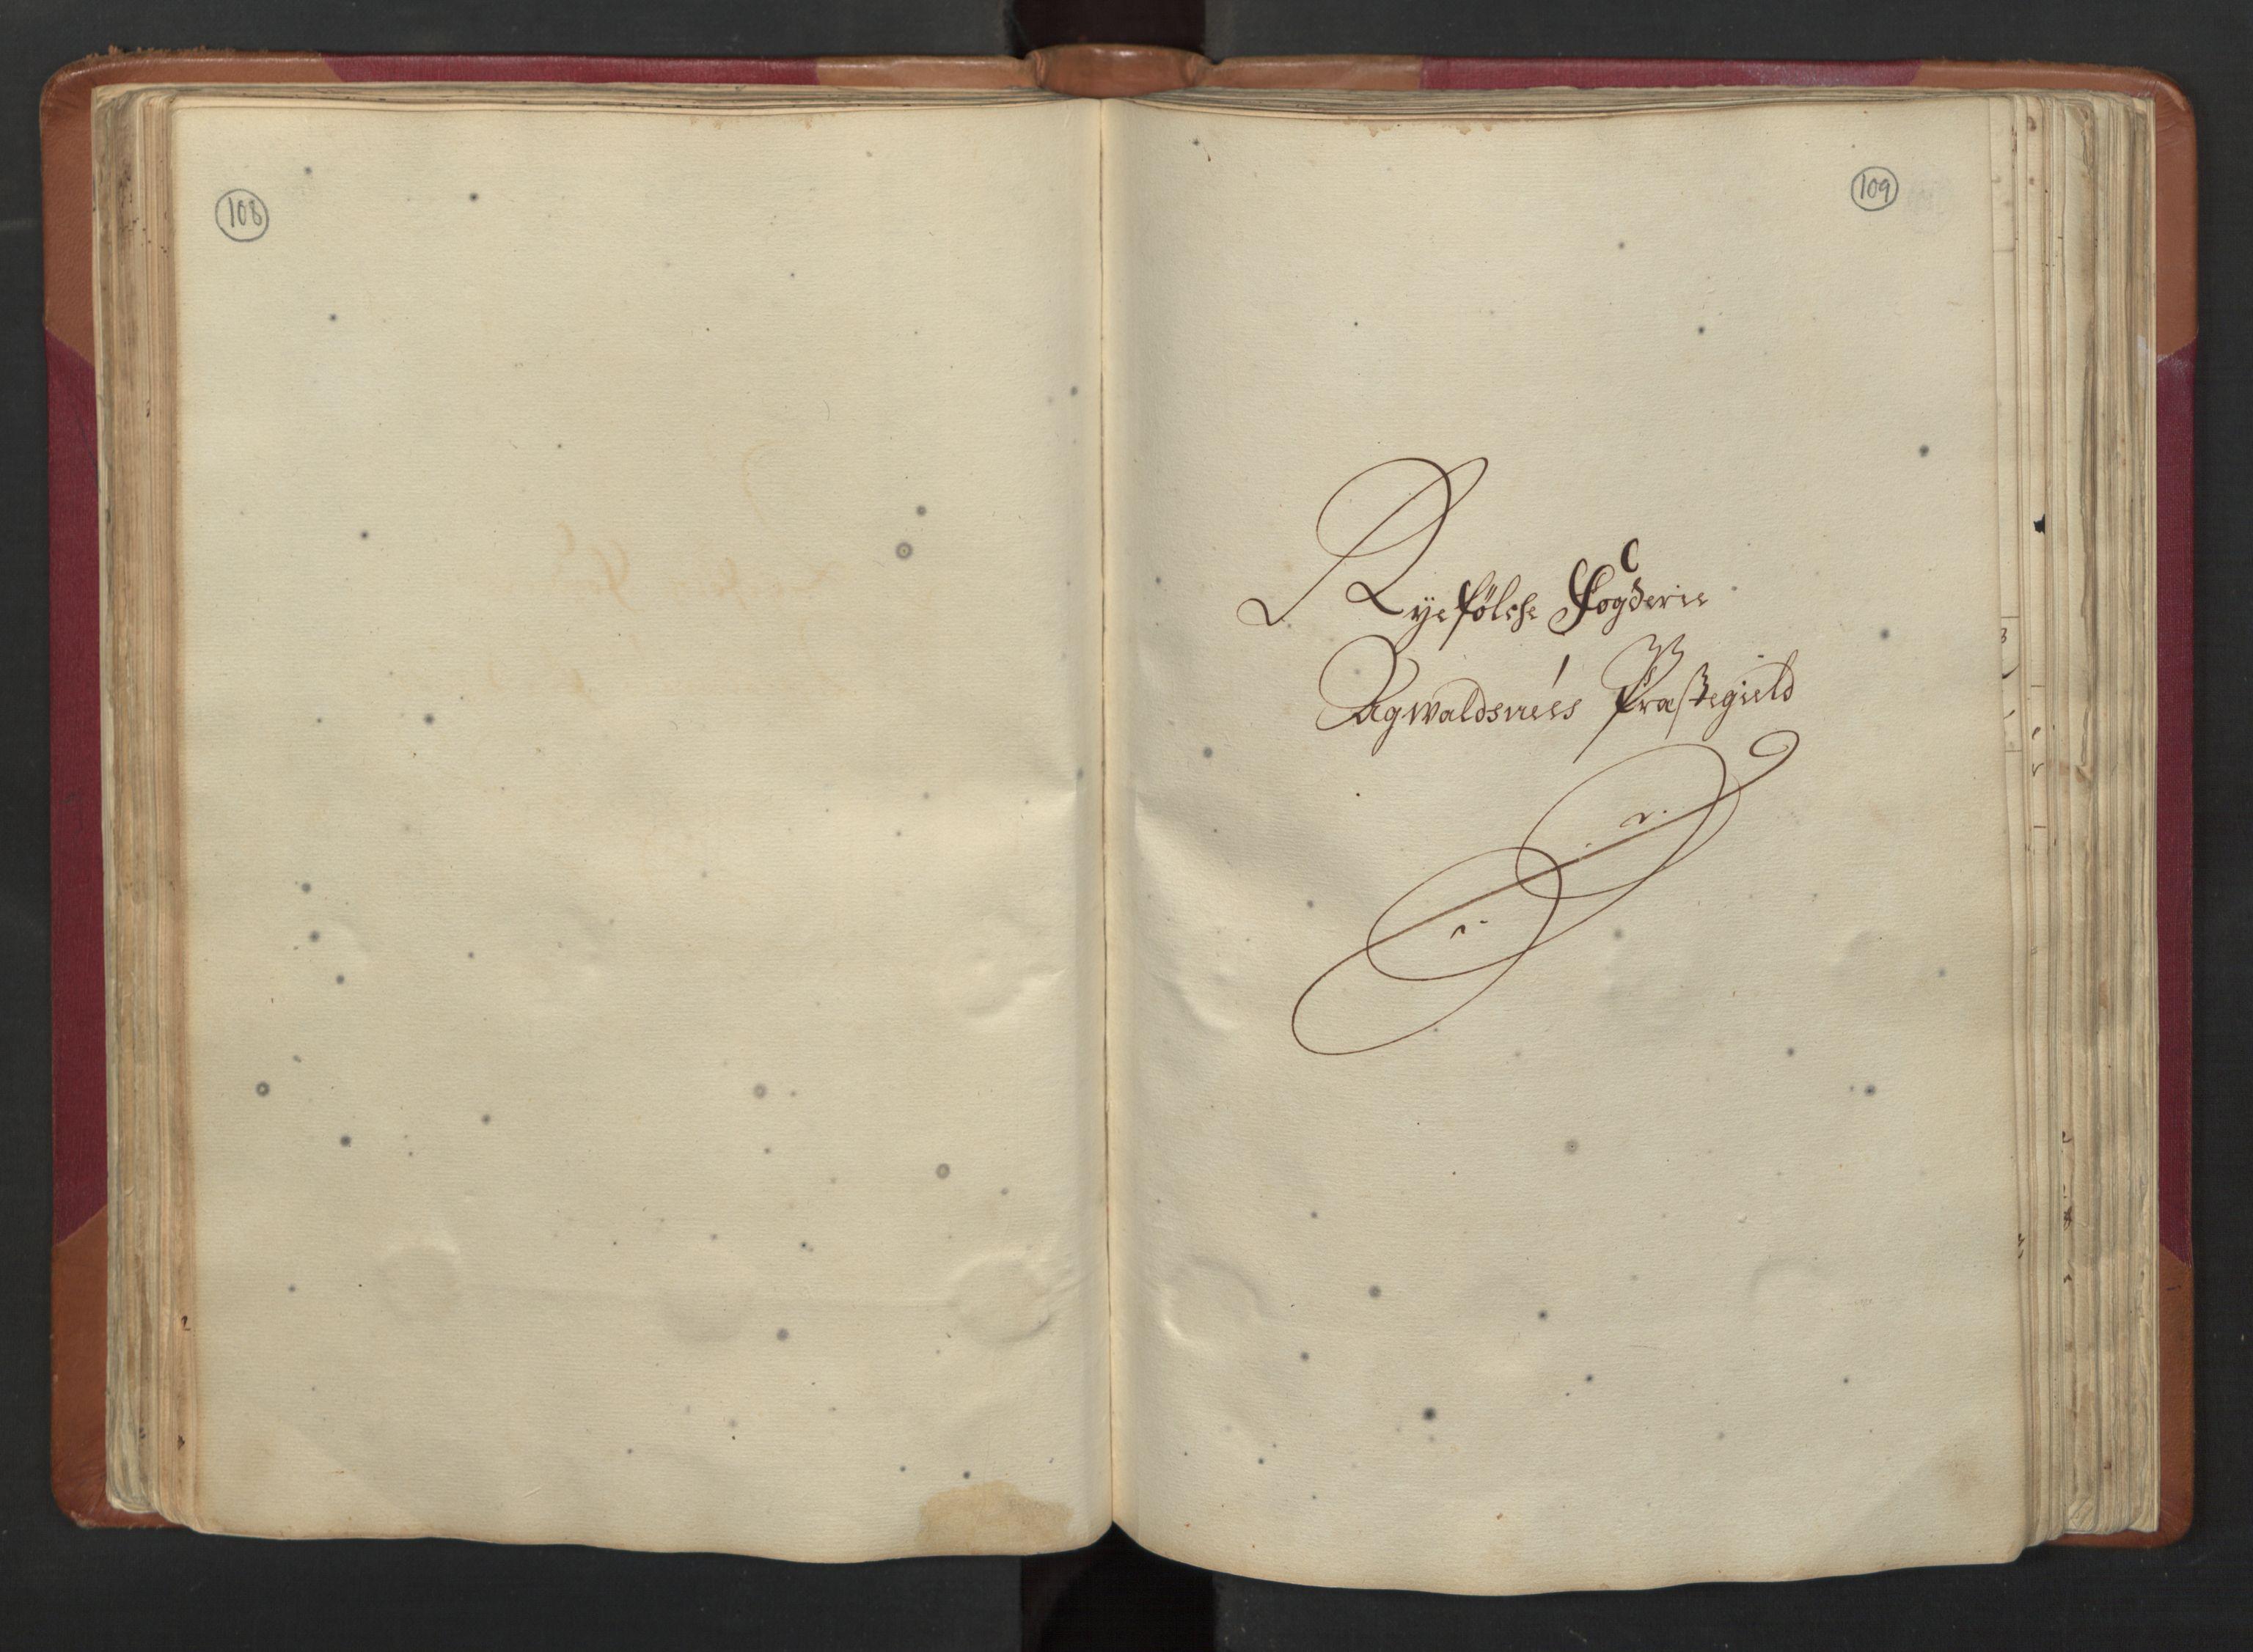 RA, Manntallet 1701, nr. 5: Ryfylke fogderi, 1701, s. 108-109